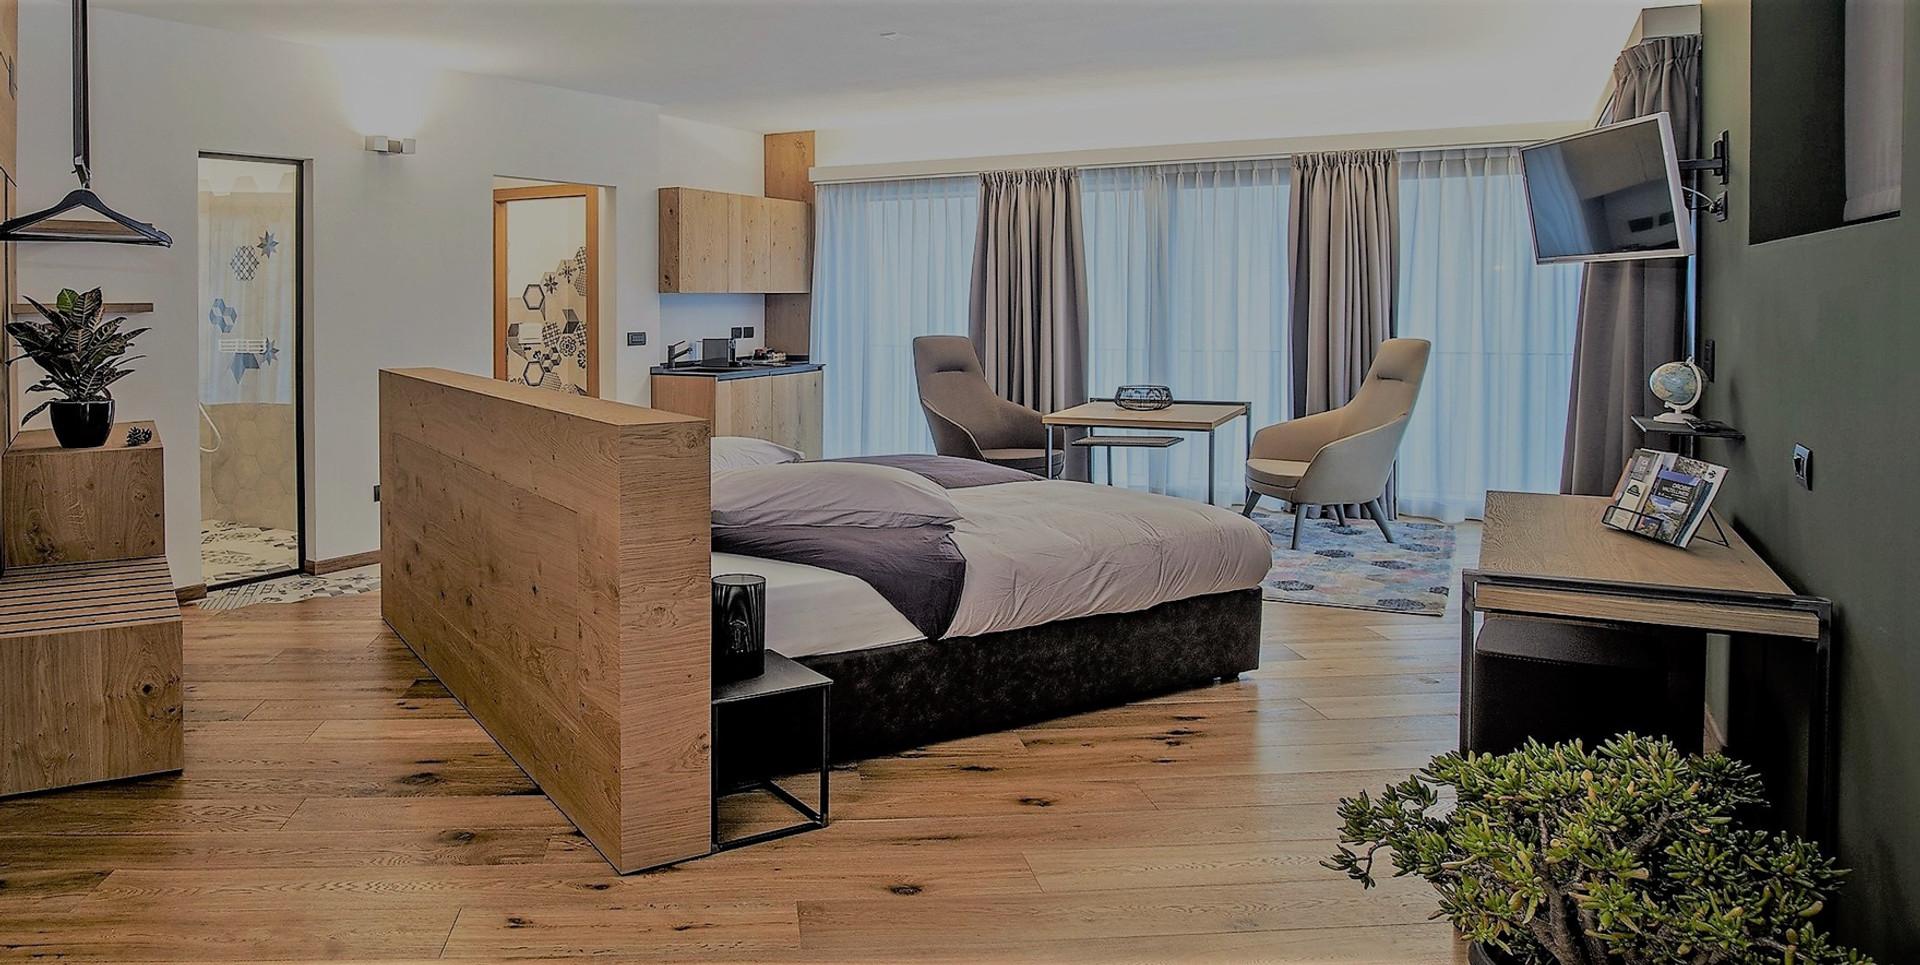 637085452217654475_suite-hotel-arredo-fu